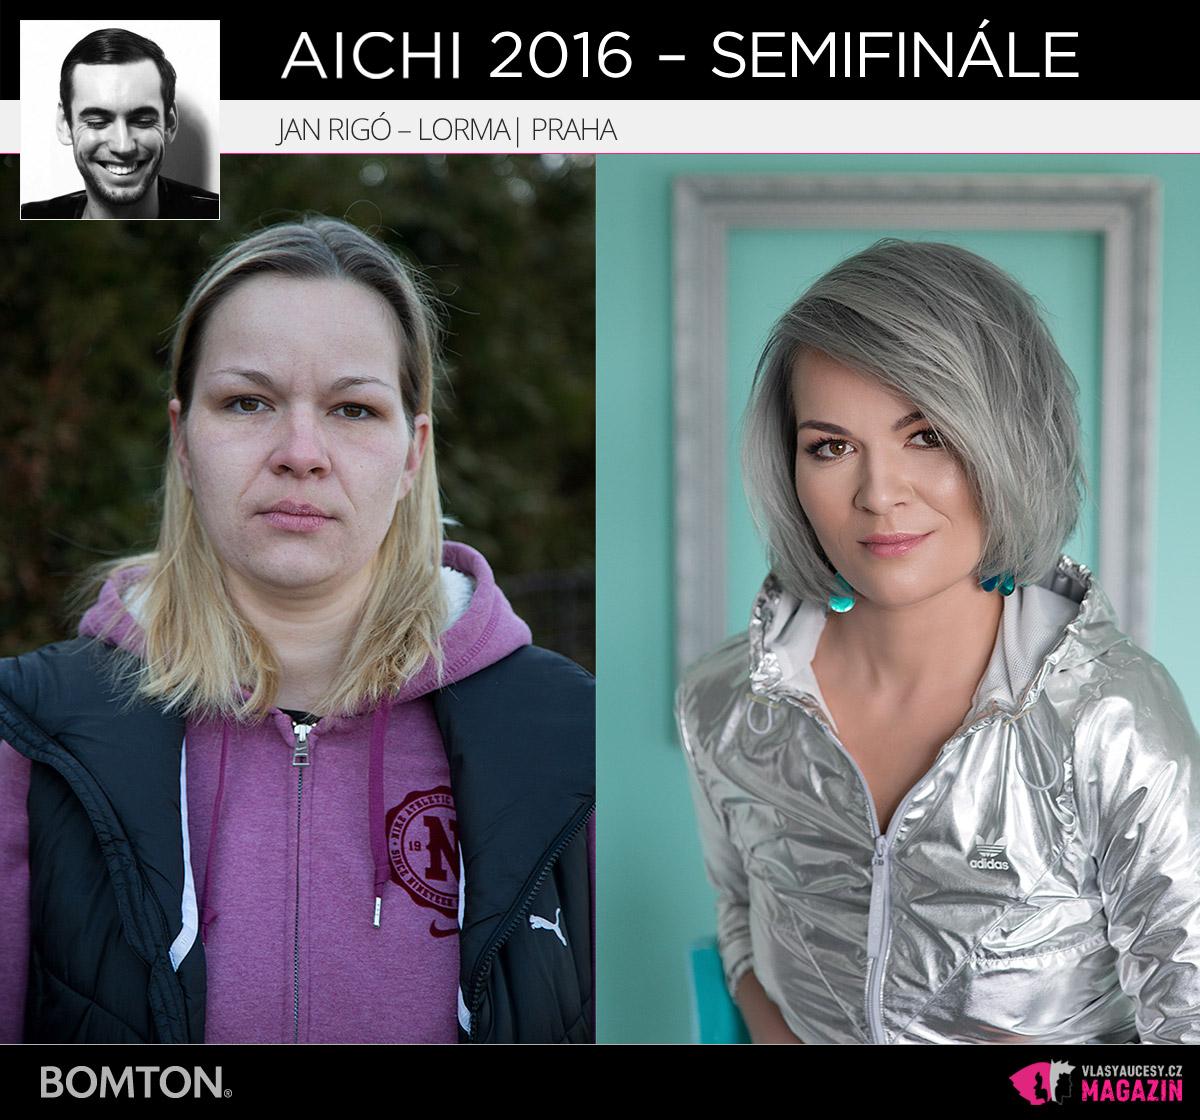 Jan Rigó – Lorma, Praha | Proměny AICHI 2016 - postupující do semifinálového kola